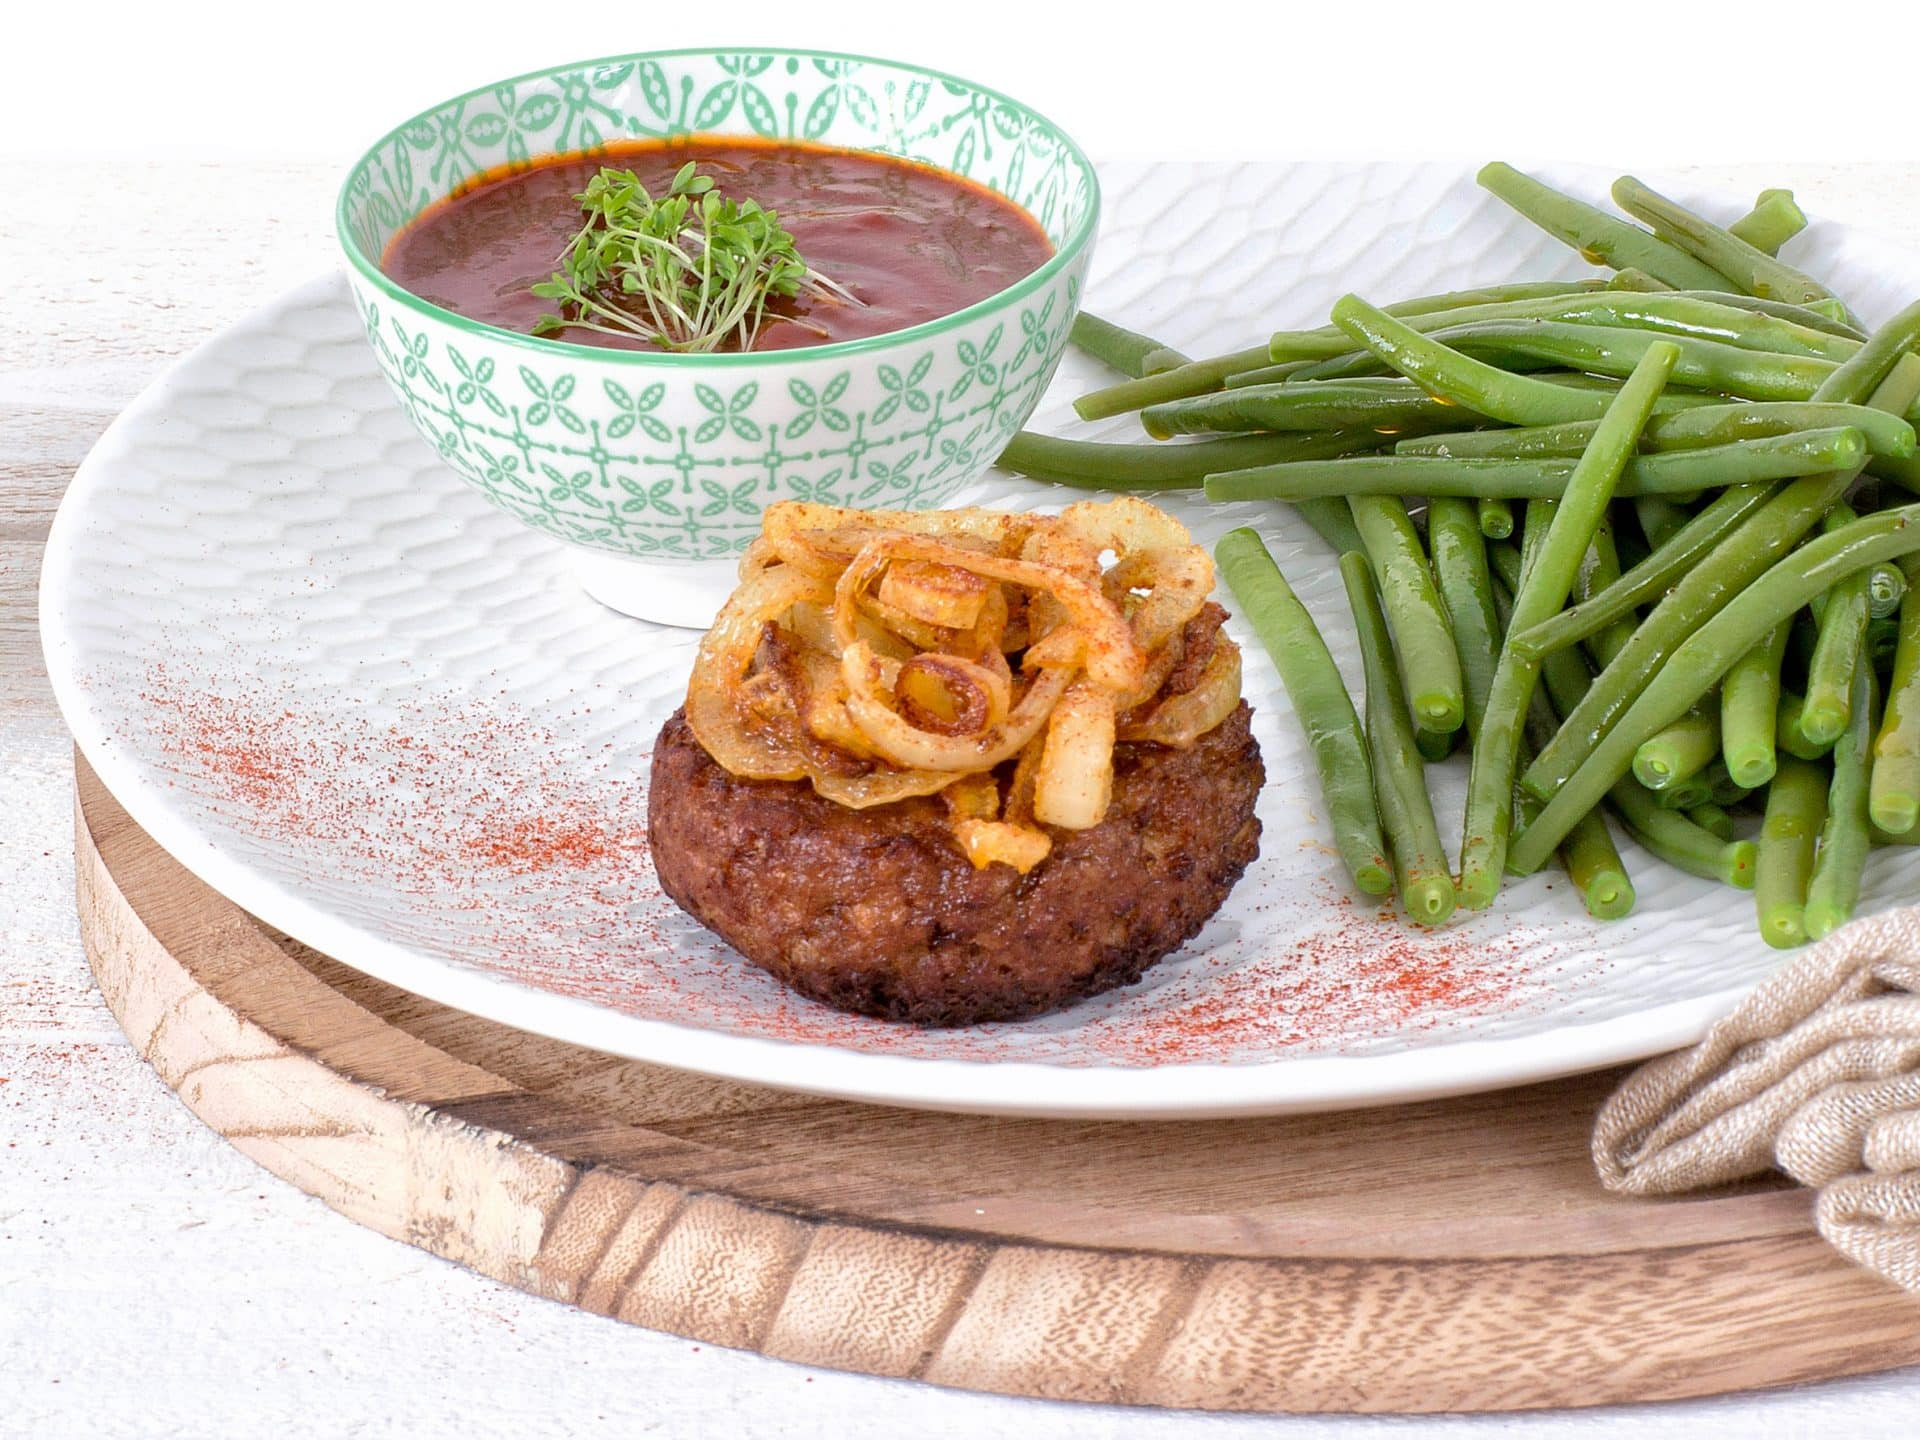 Fleischersatz: Vegetarische Frikadelle